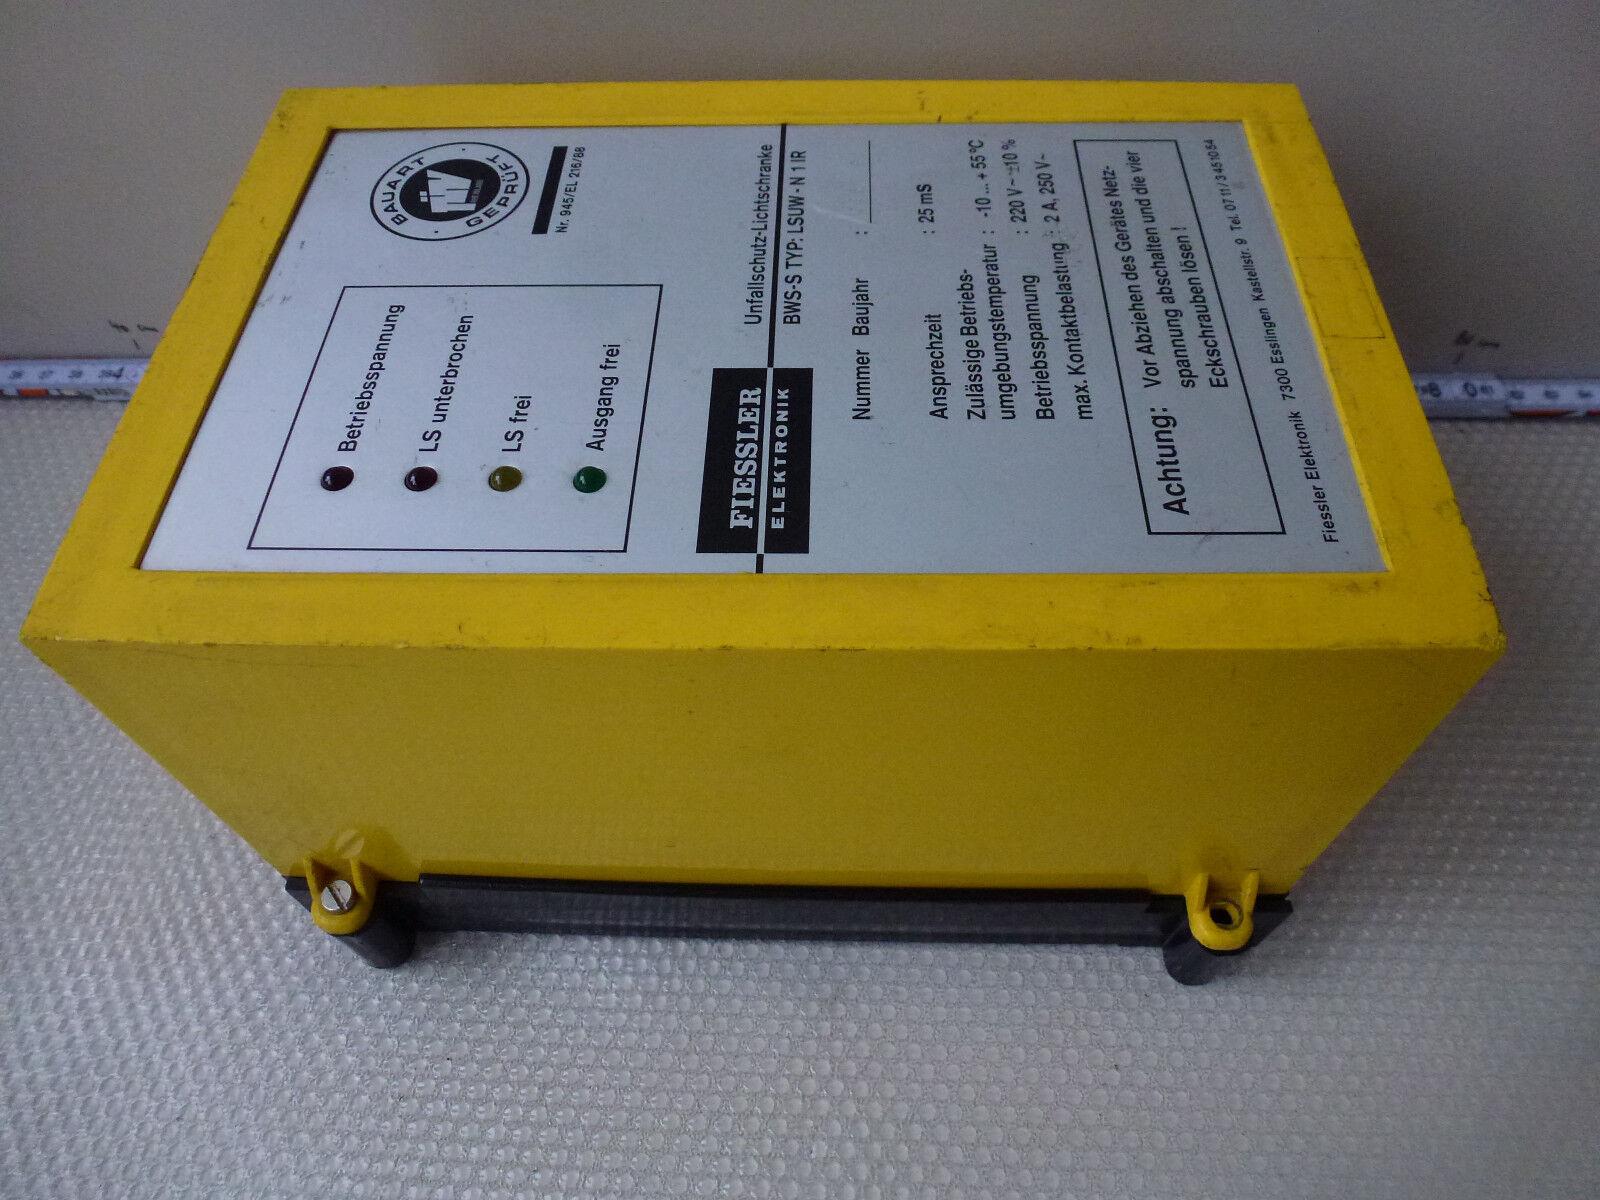 Fiessler BWS-S Type Lsuw-N 1 Ir Unfallschutz-Lichtschranke Ansprechzeit 25 25 25 Ms a895b1